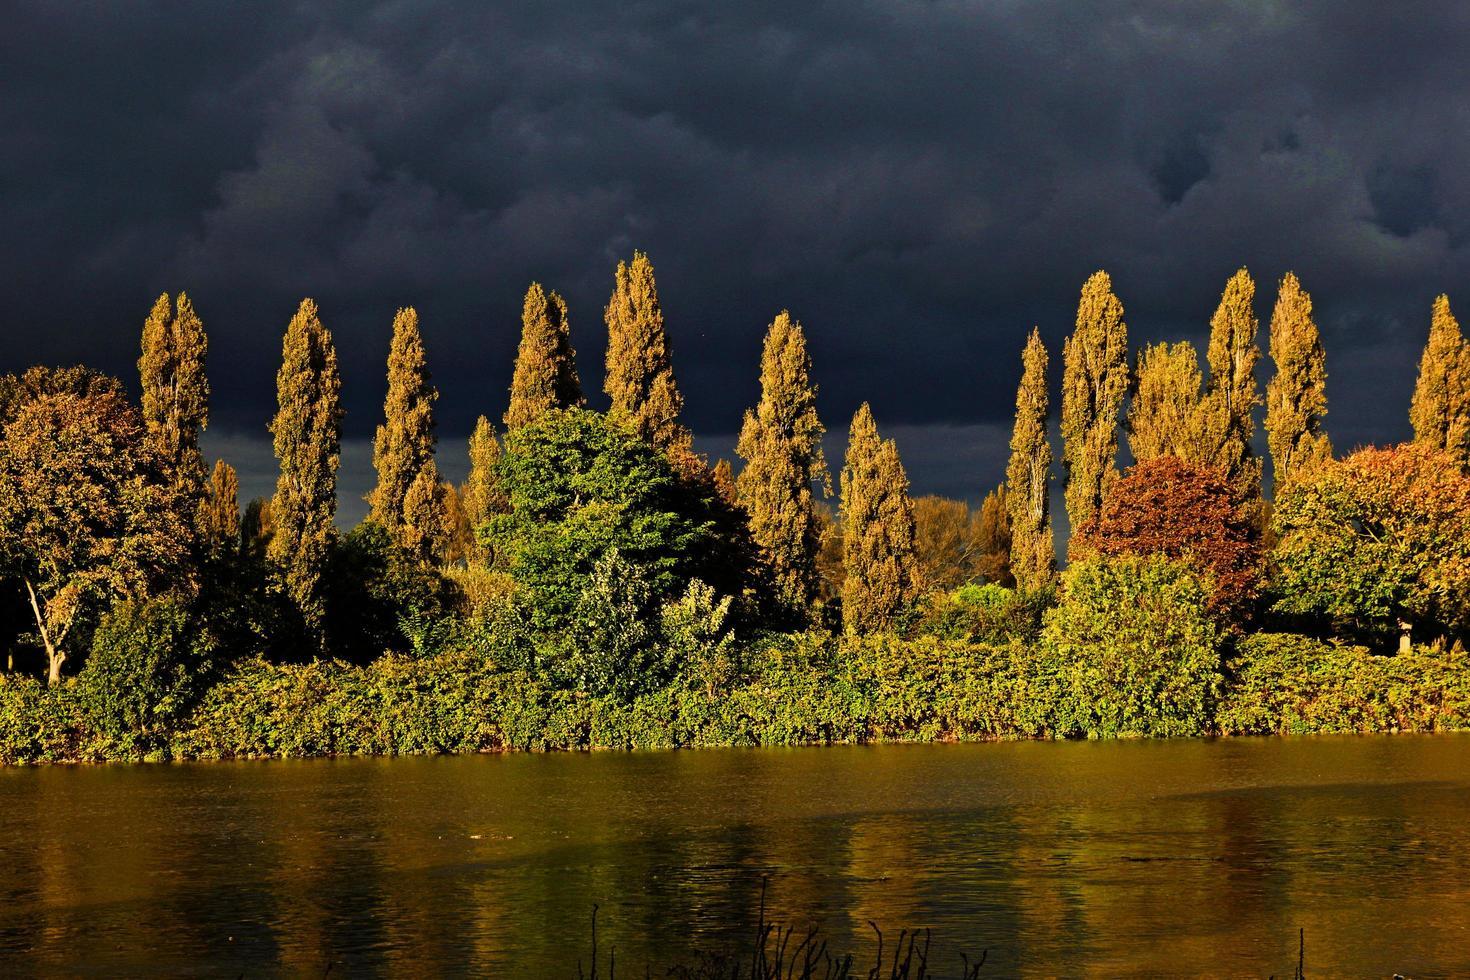 nuages d'orage près des arbres verts et bruns à côté de la route mouillée photo